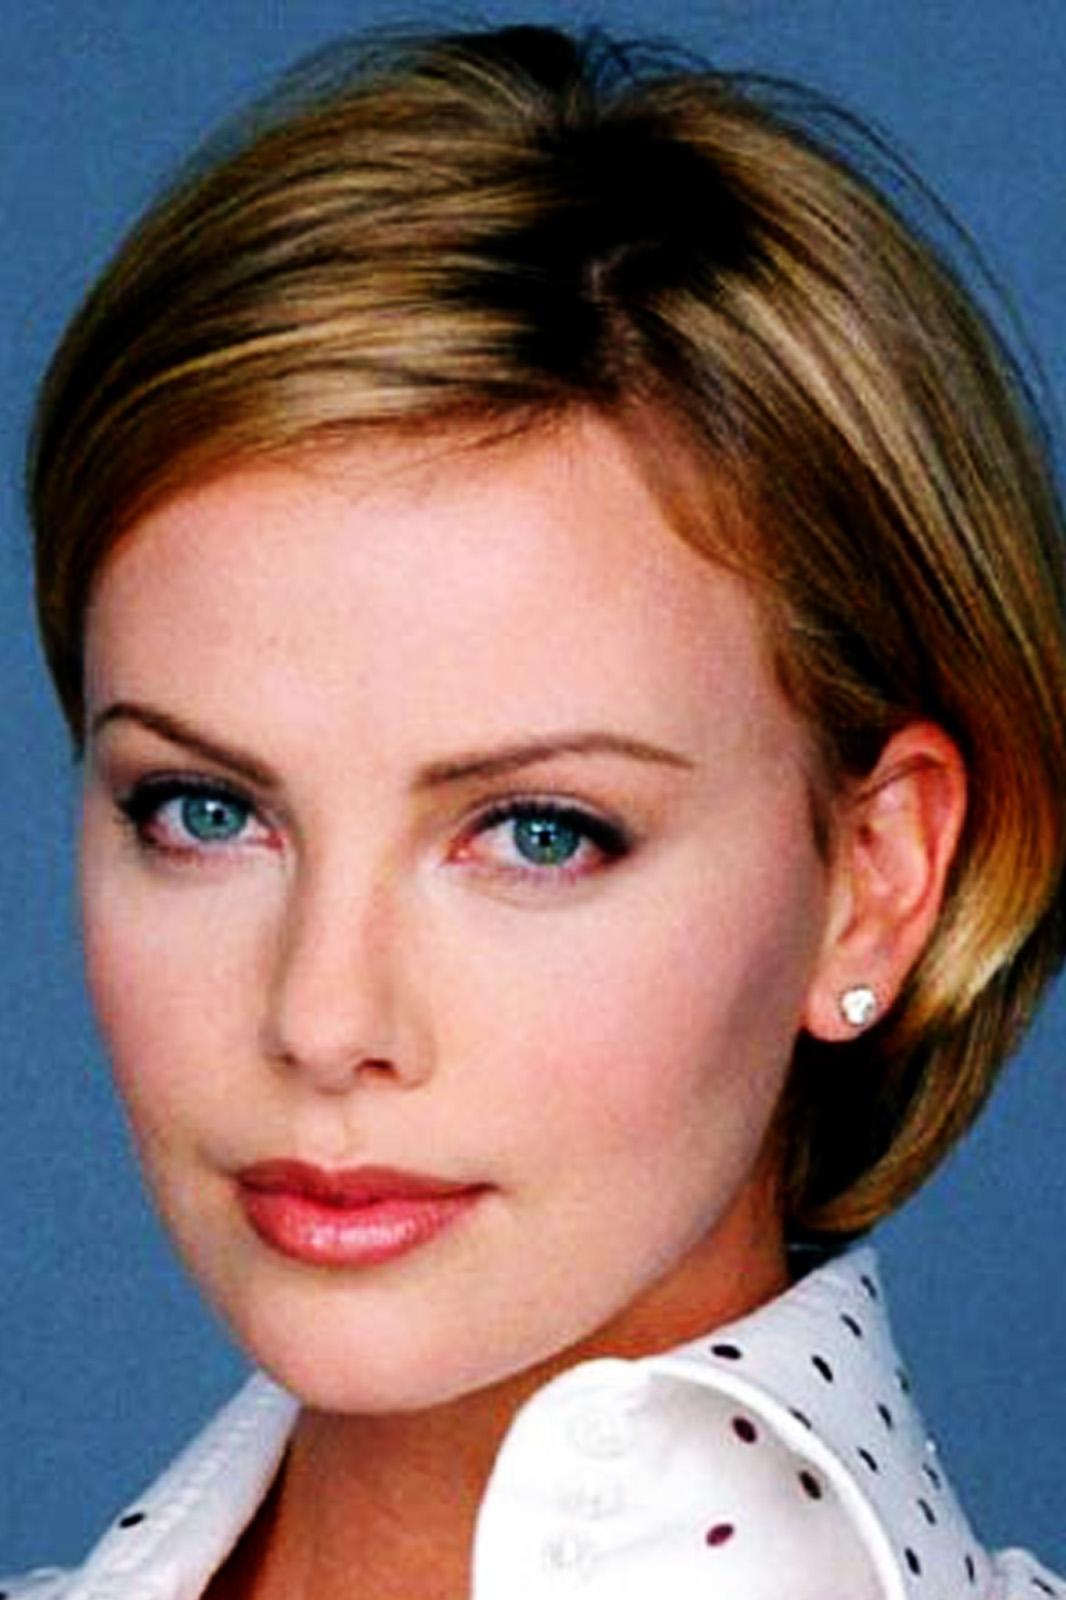 http://1.bp.blogspot.com/-EsdauBOG2so/UAF-88oVHcI/AAAAAAAAA44/a5atakhHRaE/s1600/Charlize-Theron-Pictures-1.jpg